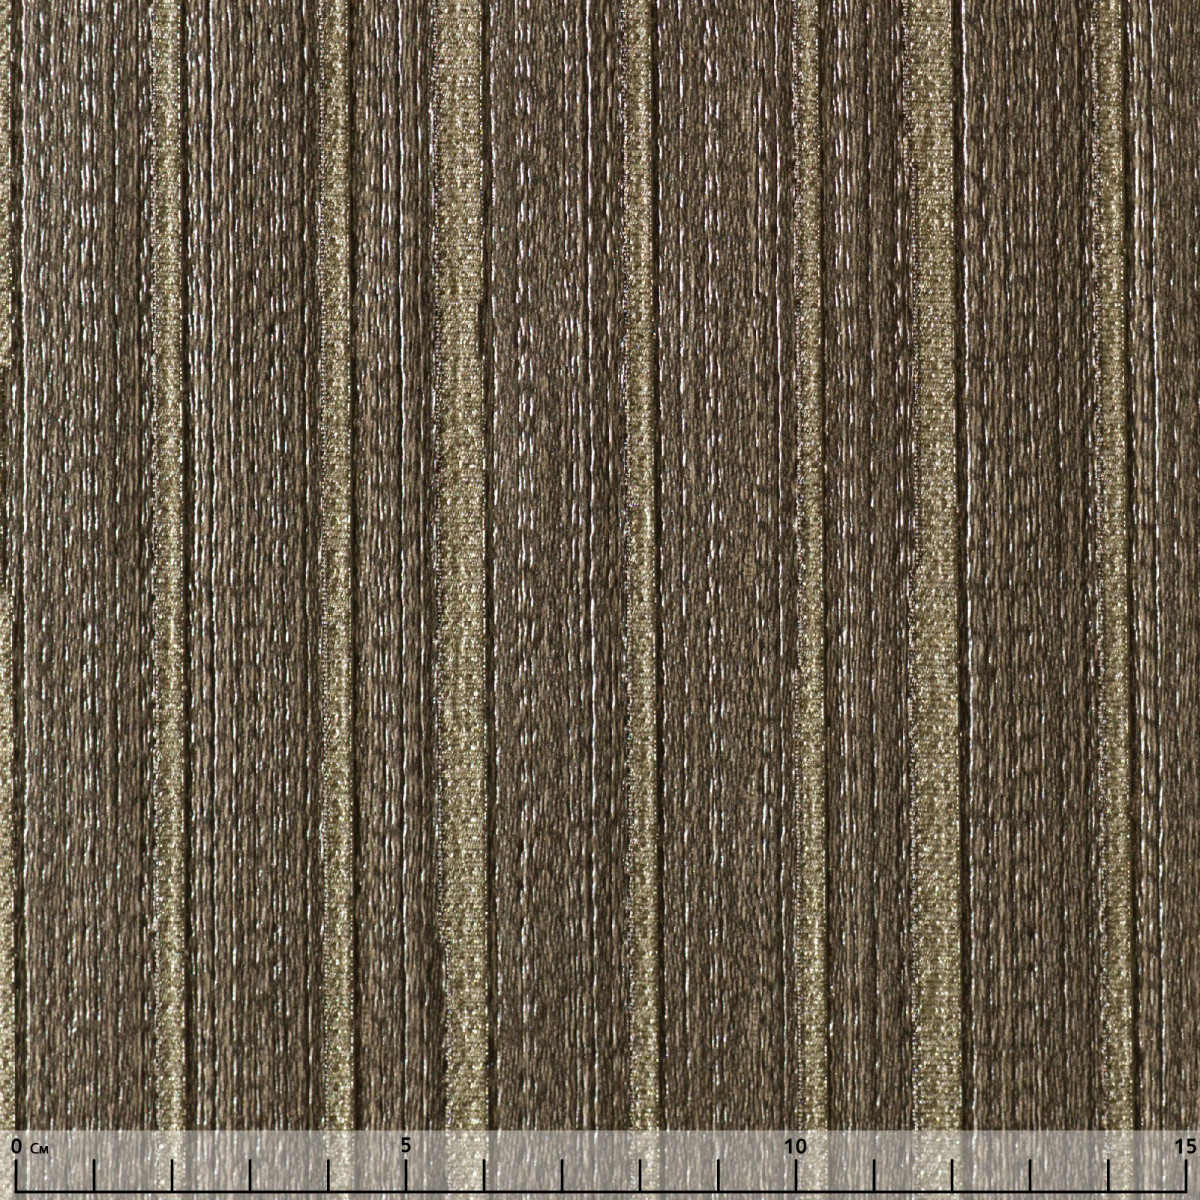 Обои виниловые Zambaiti Trussardi коричневые 0.70 м Z5830